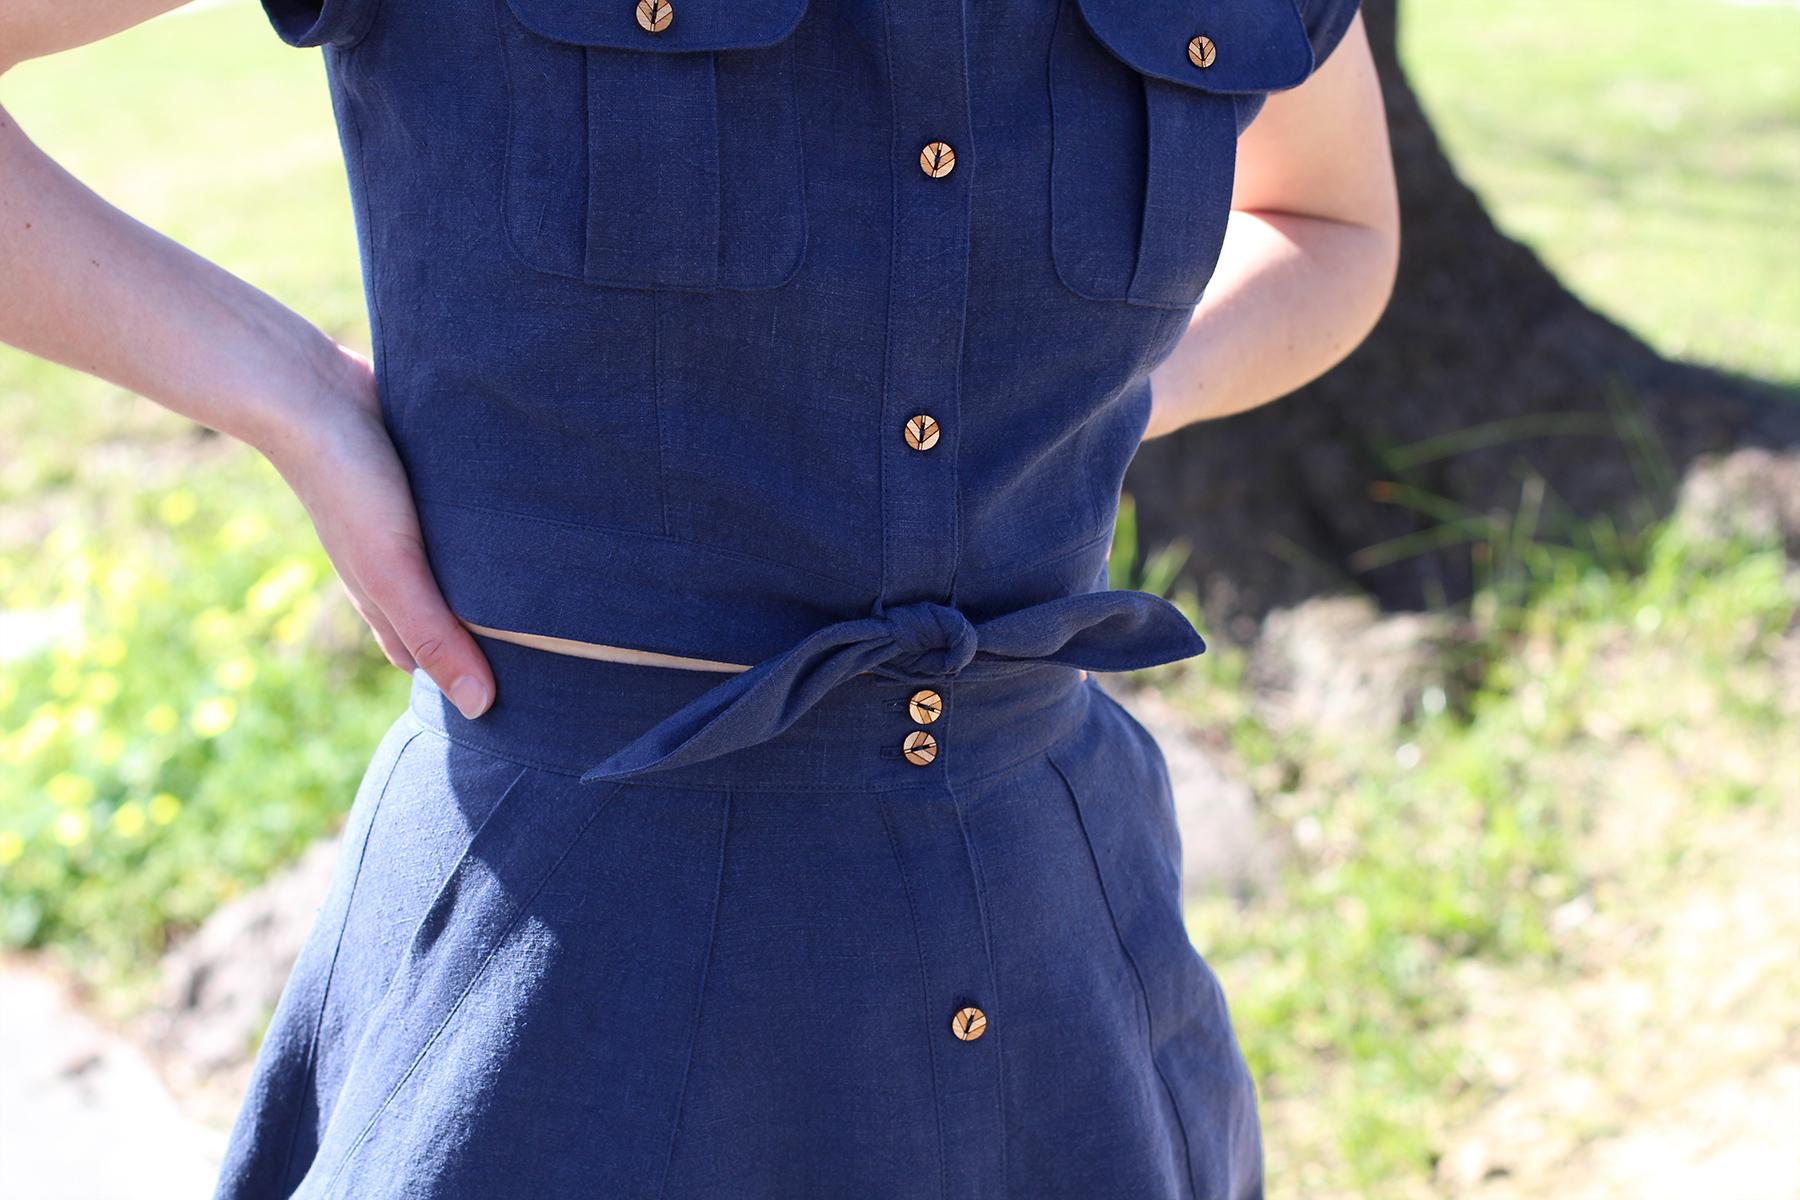 Megan Nielsen Patterns   Matilda Sewalong: Matching Set Hack   Garment Details